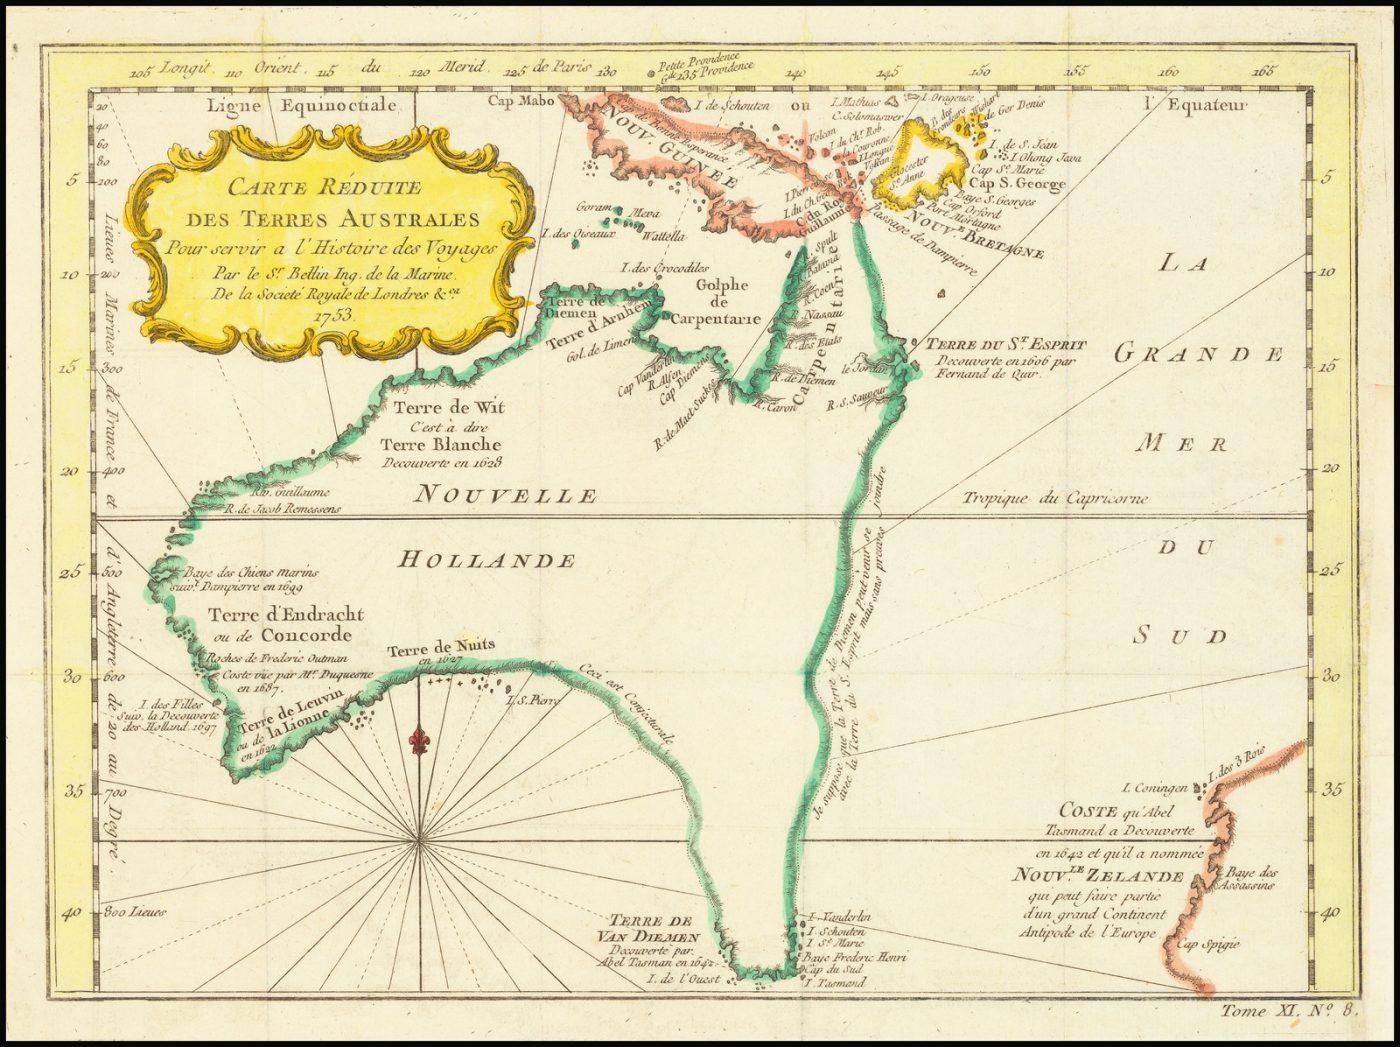 Старинная карта Австралии с голландскими открытиями и новаторскими географическими теориями